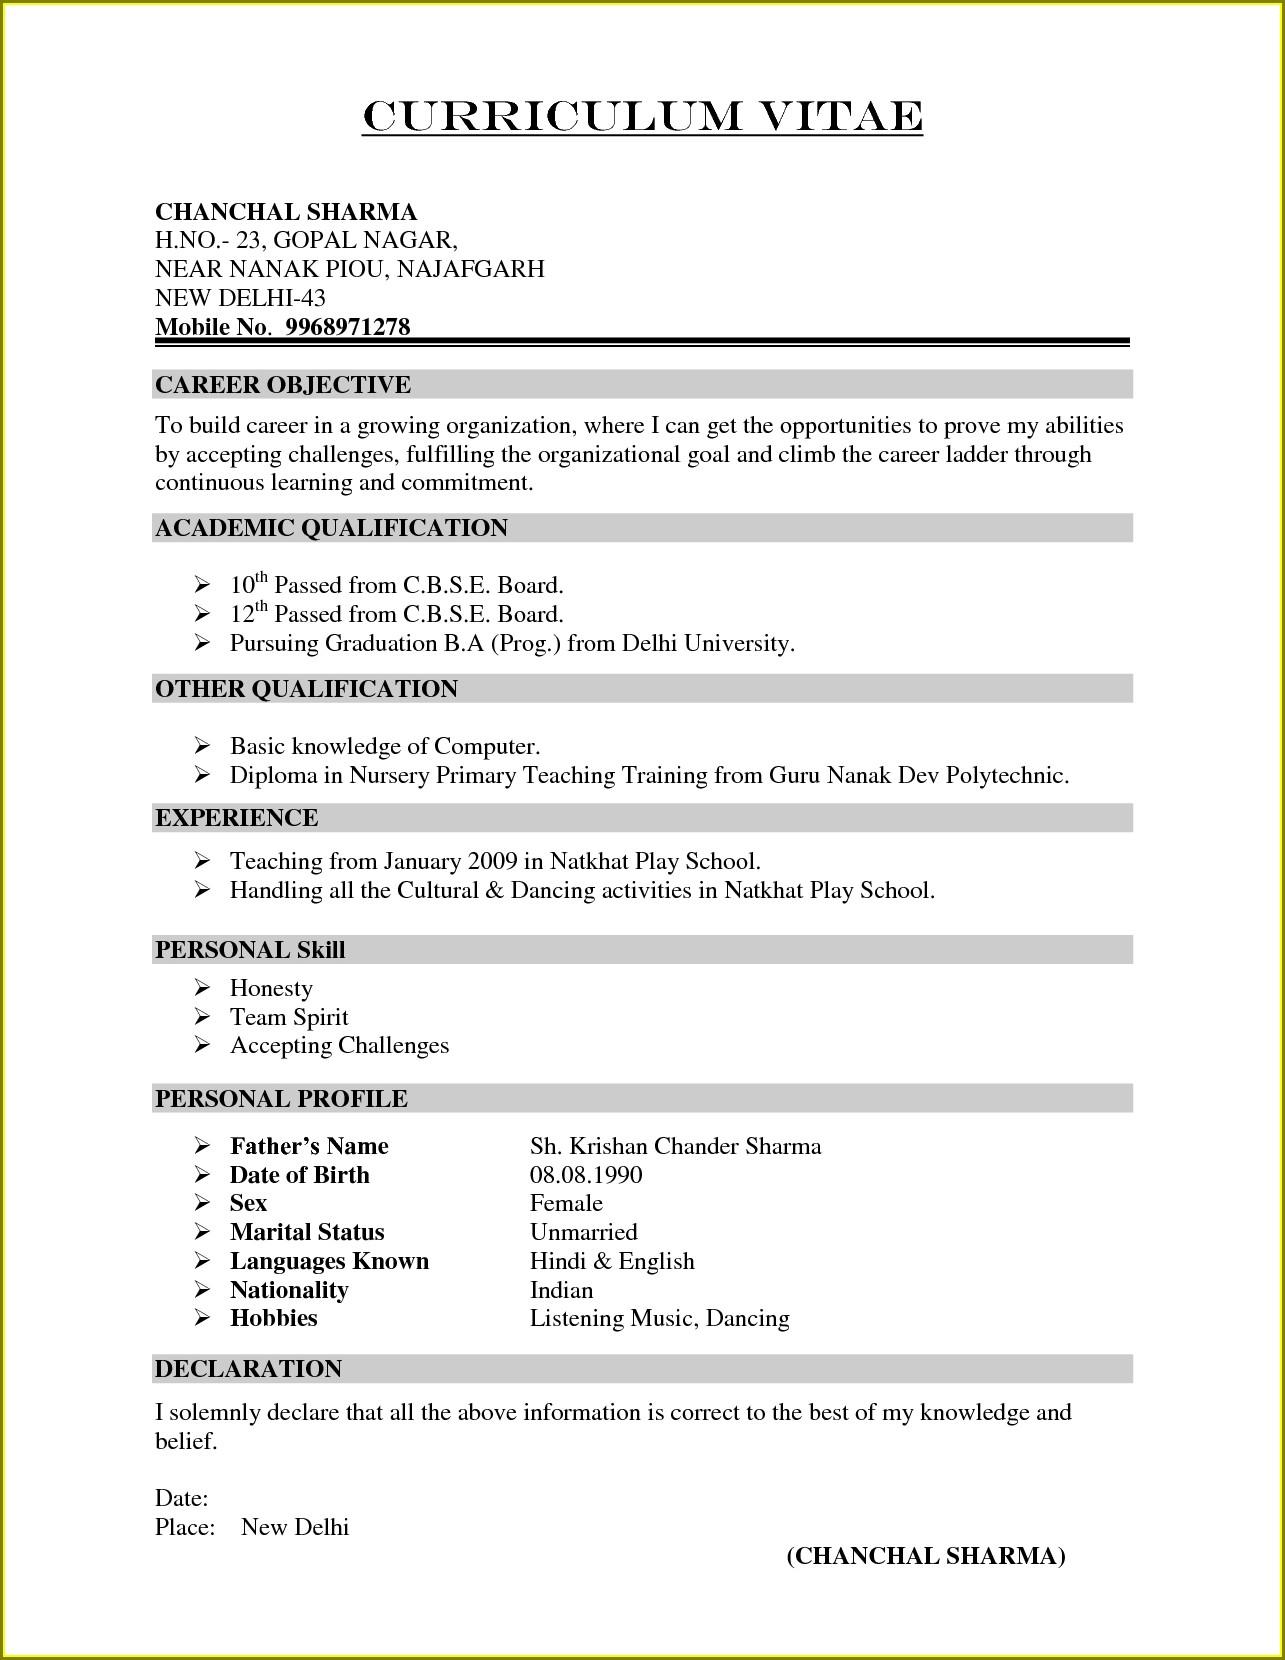 Latest Curriculum Vitae Format Doc